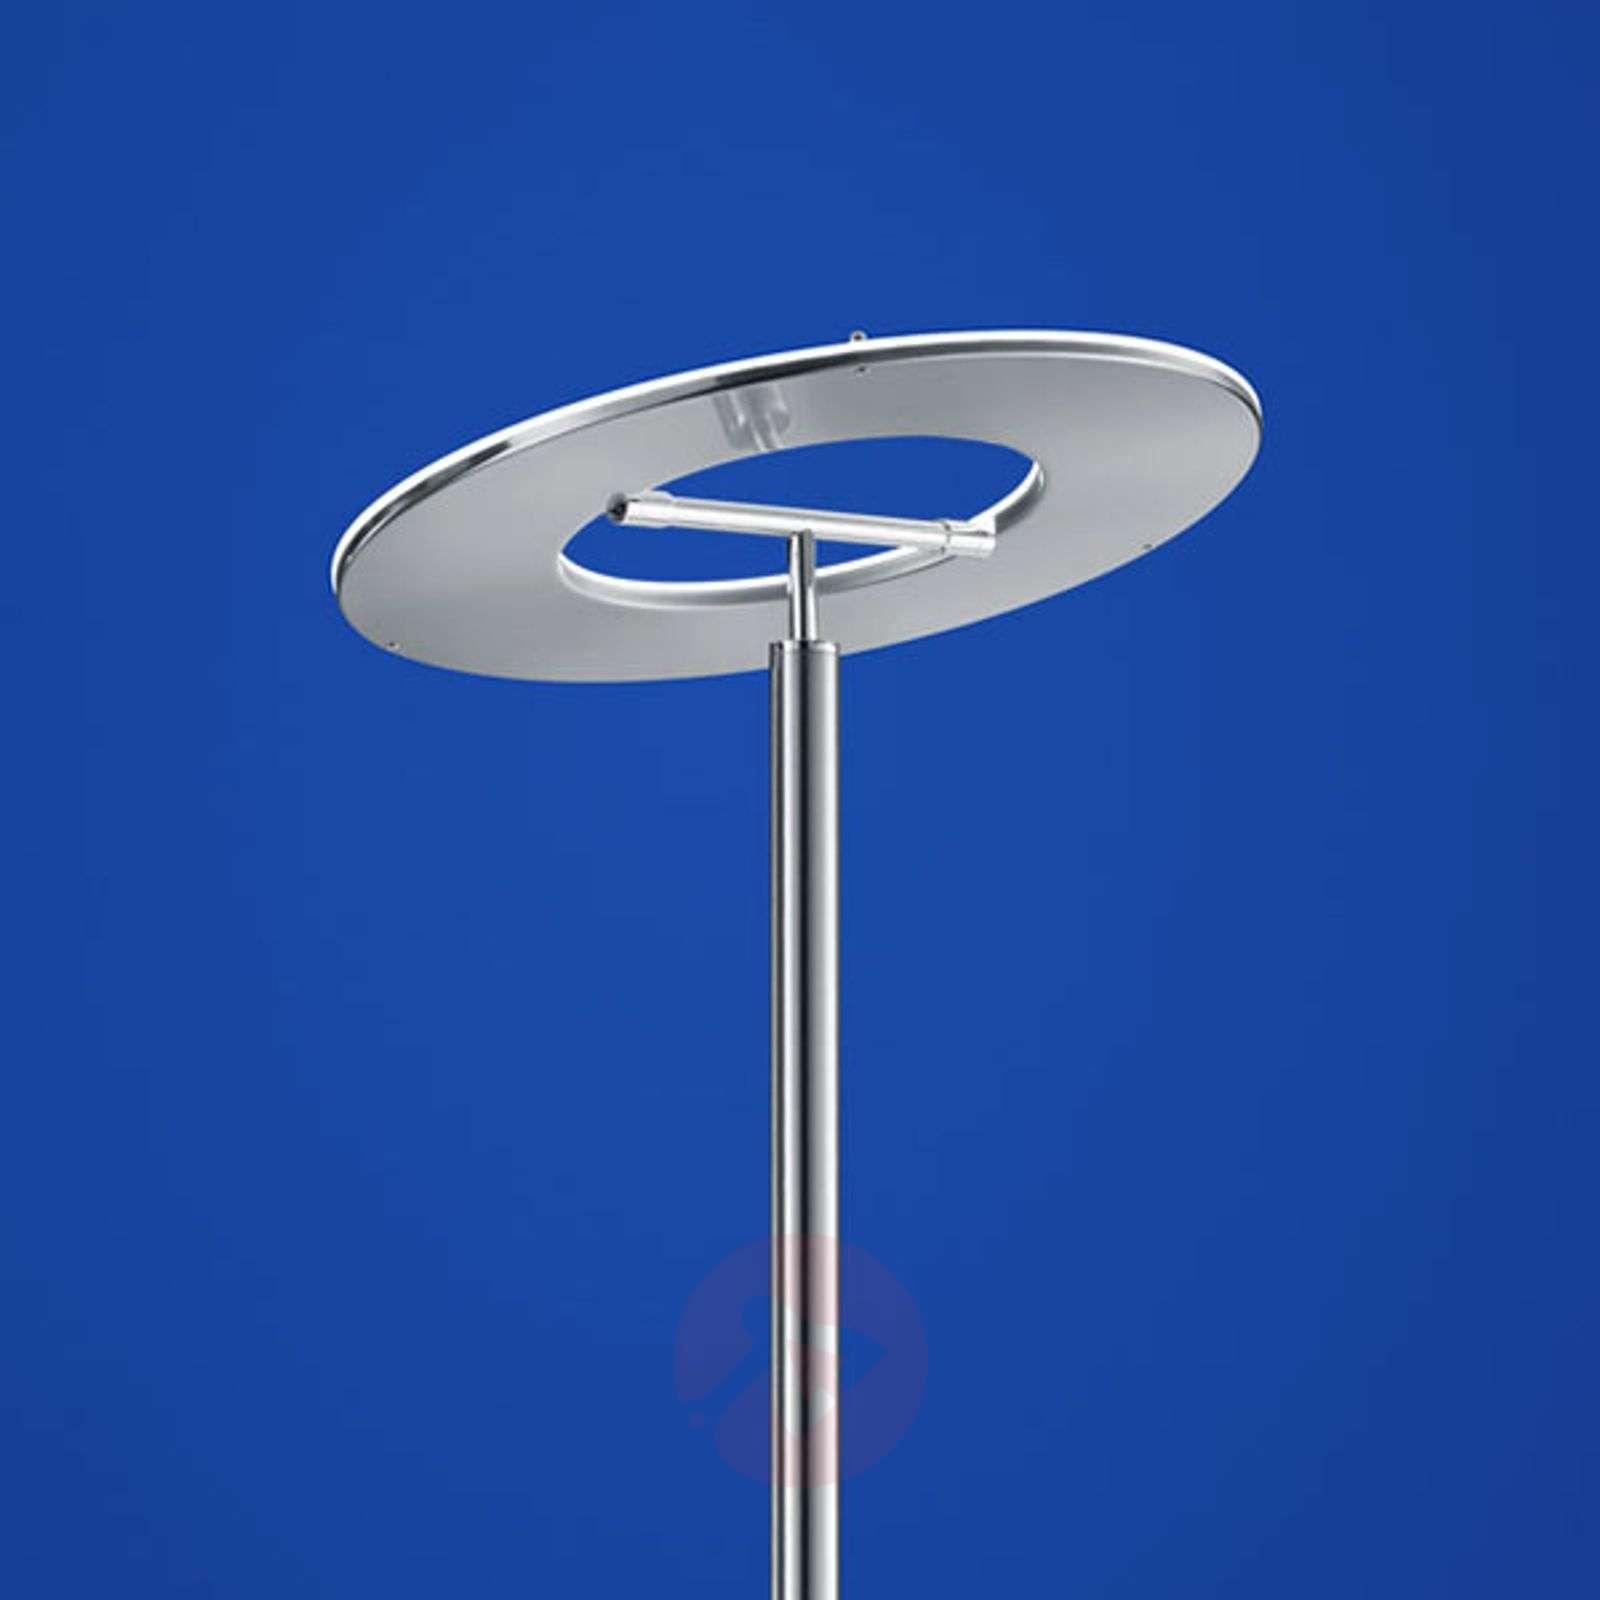 LED-valaisin Monza lukuvarrella-1554004-01